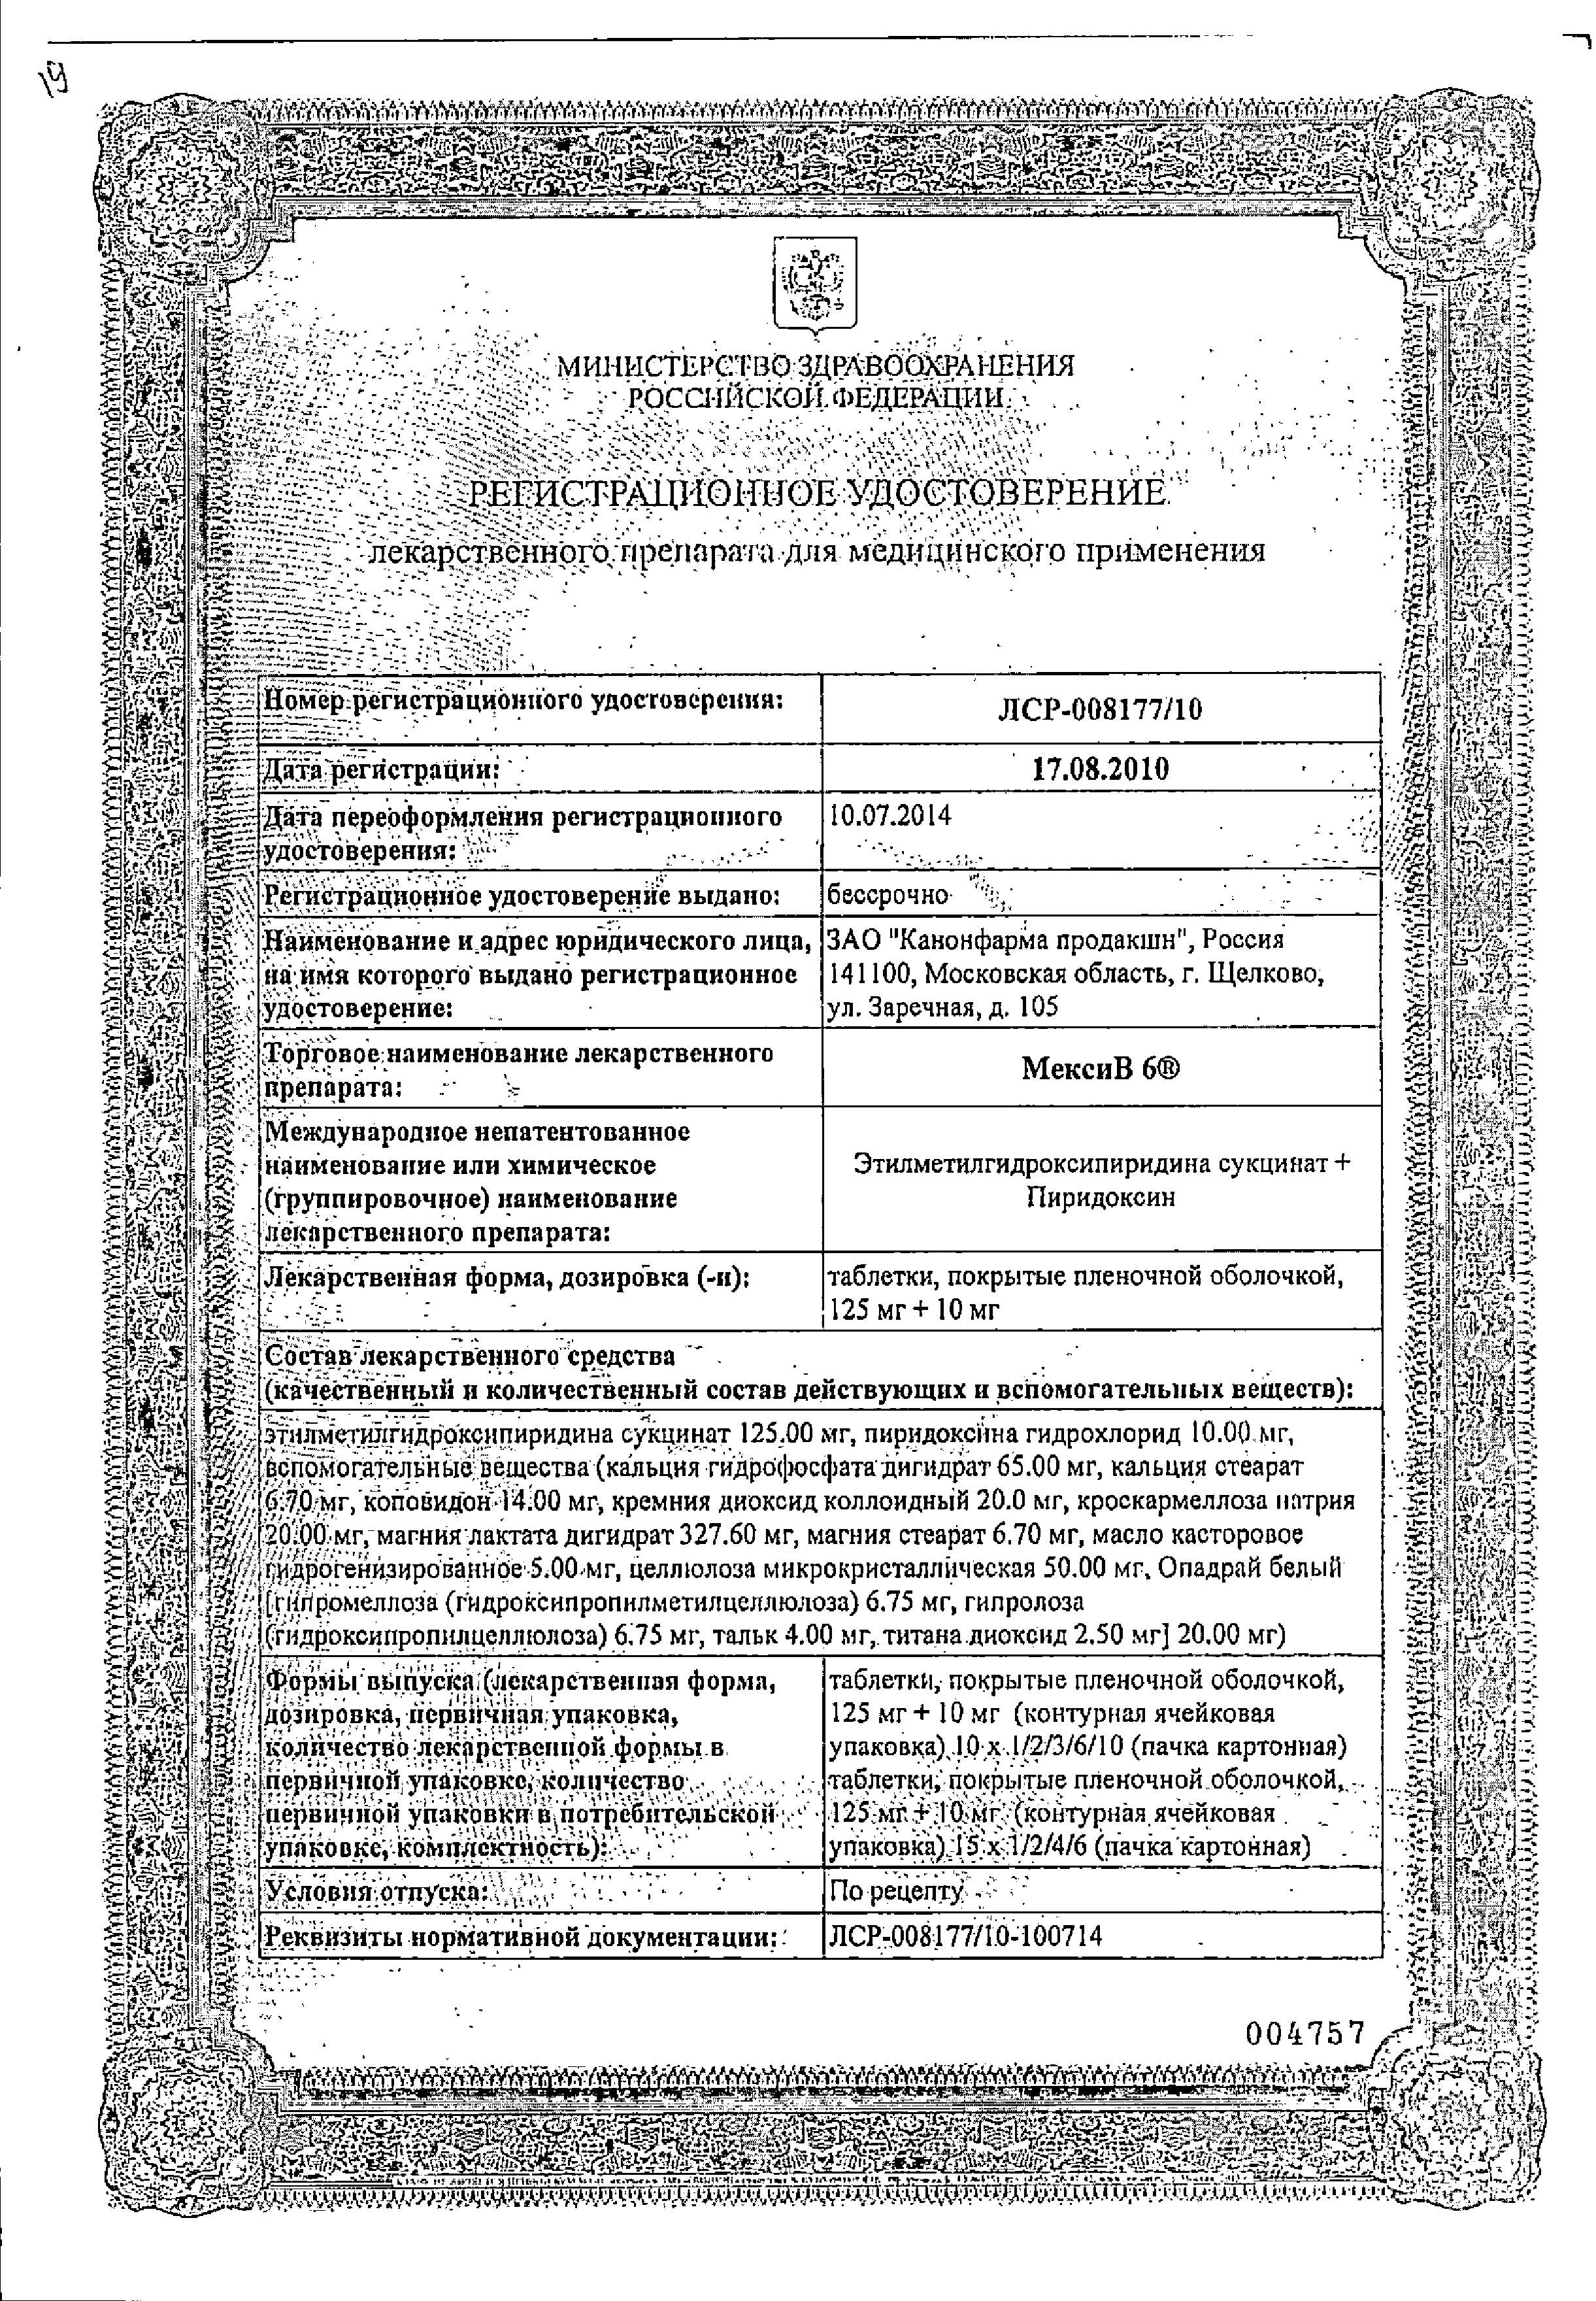 МексиВ 6 сертификат